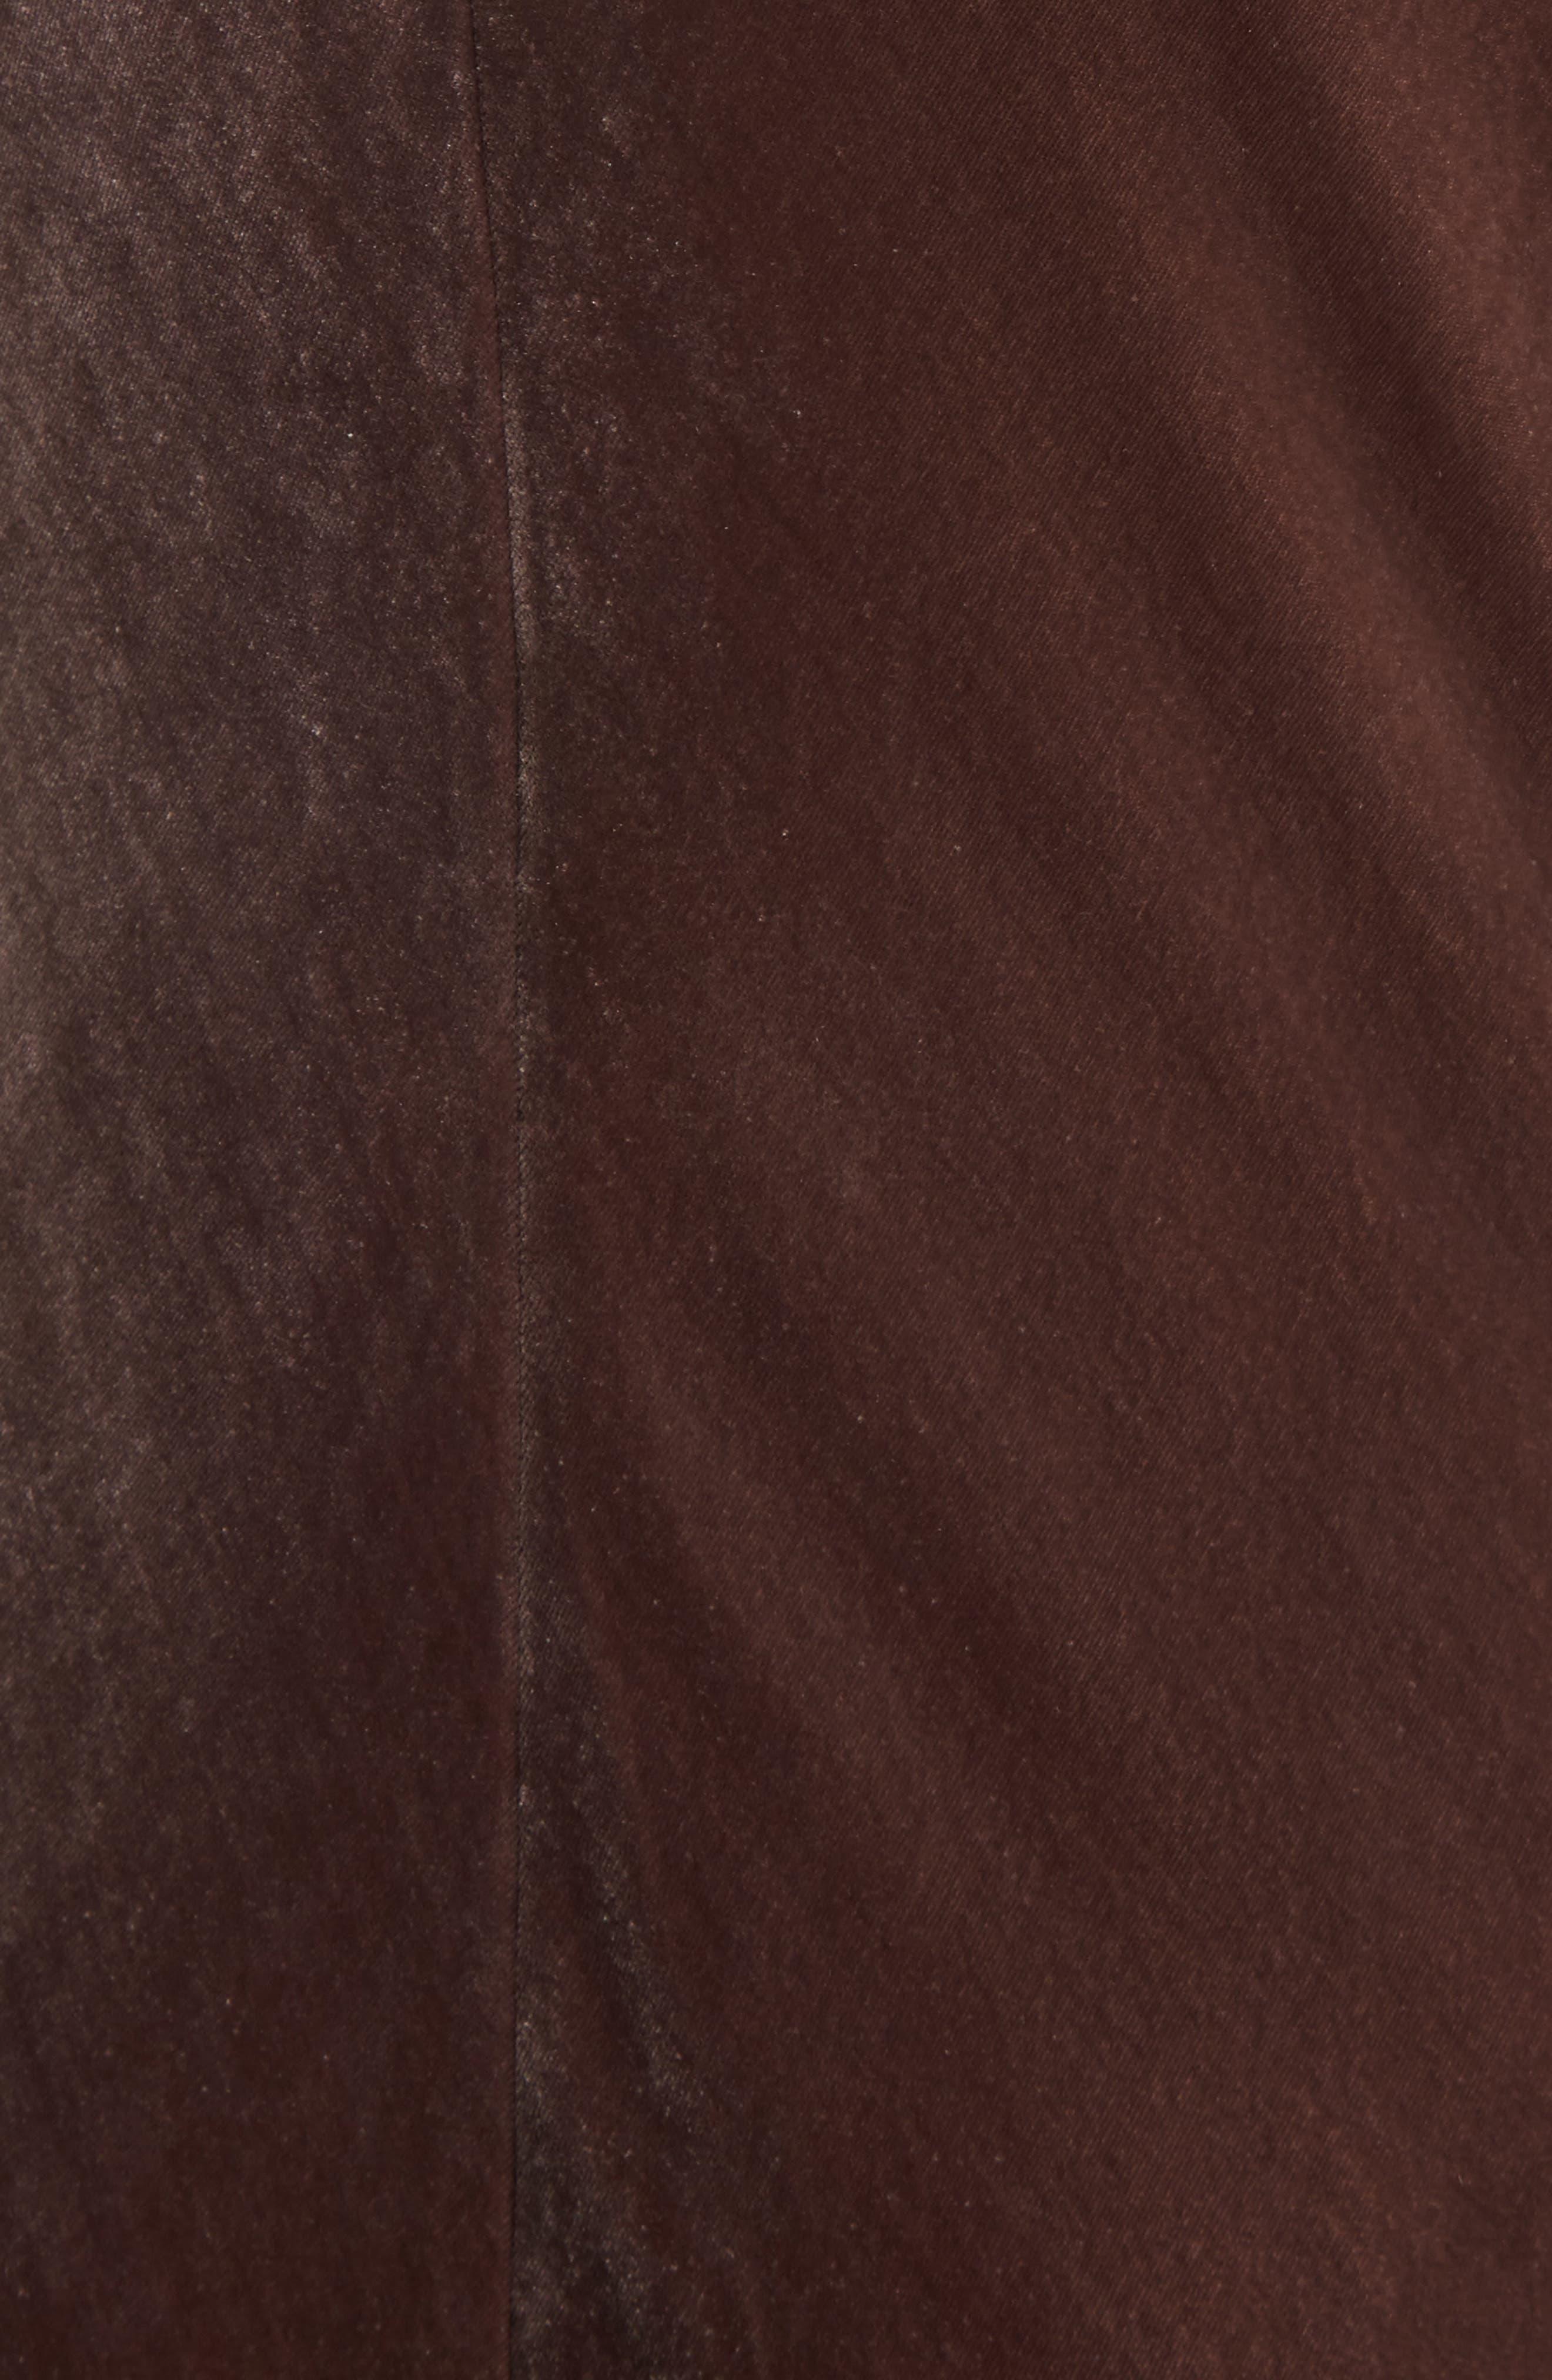 Velvet Tank Dress,                             Alternate thumbnail 5, color,                             Cocoa Bean